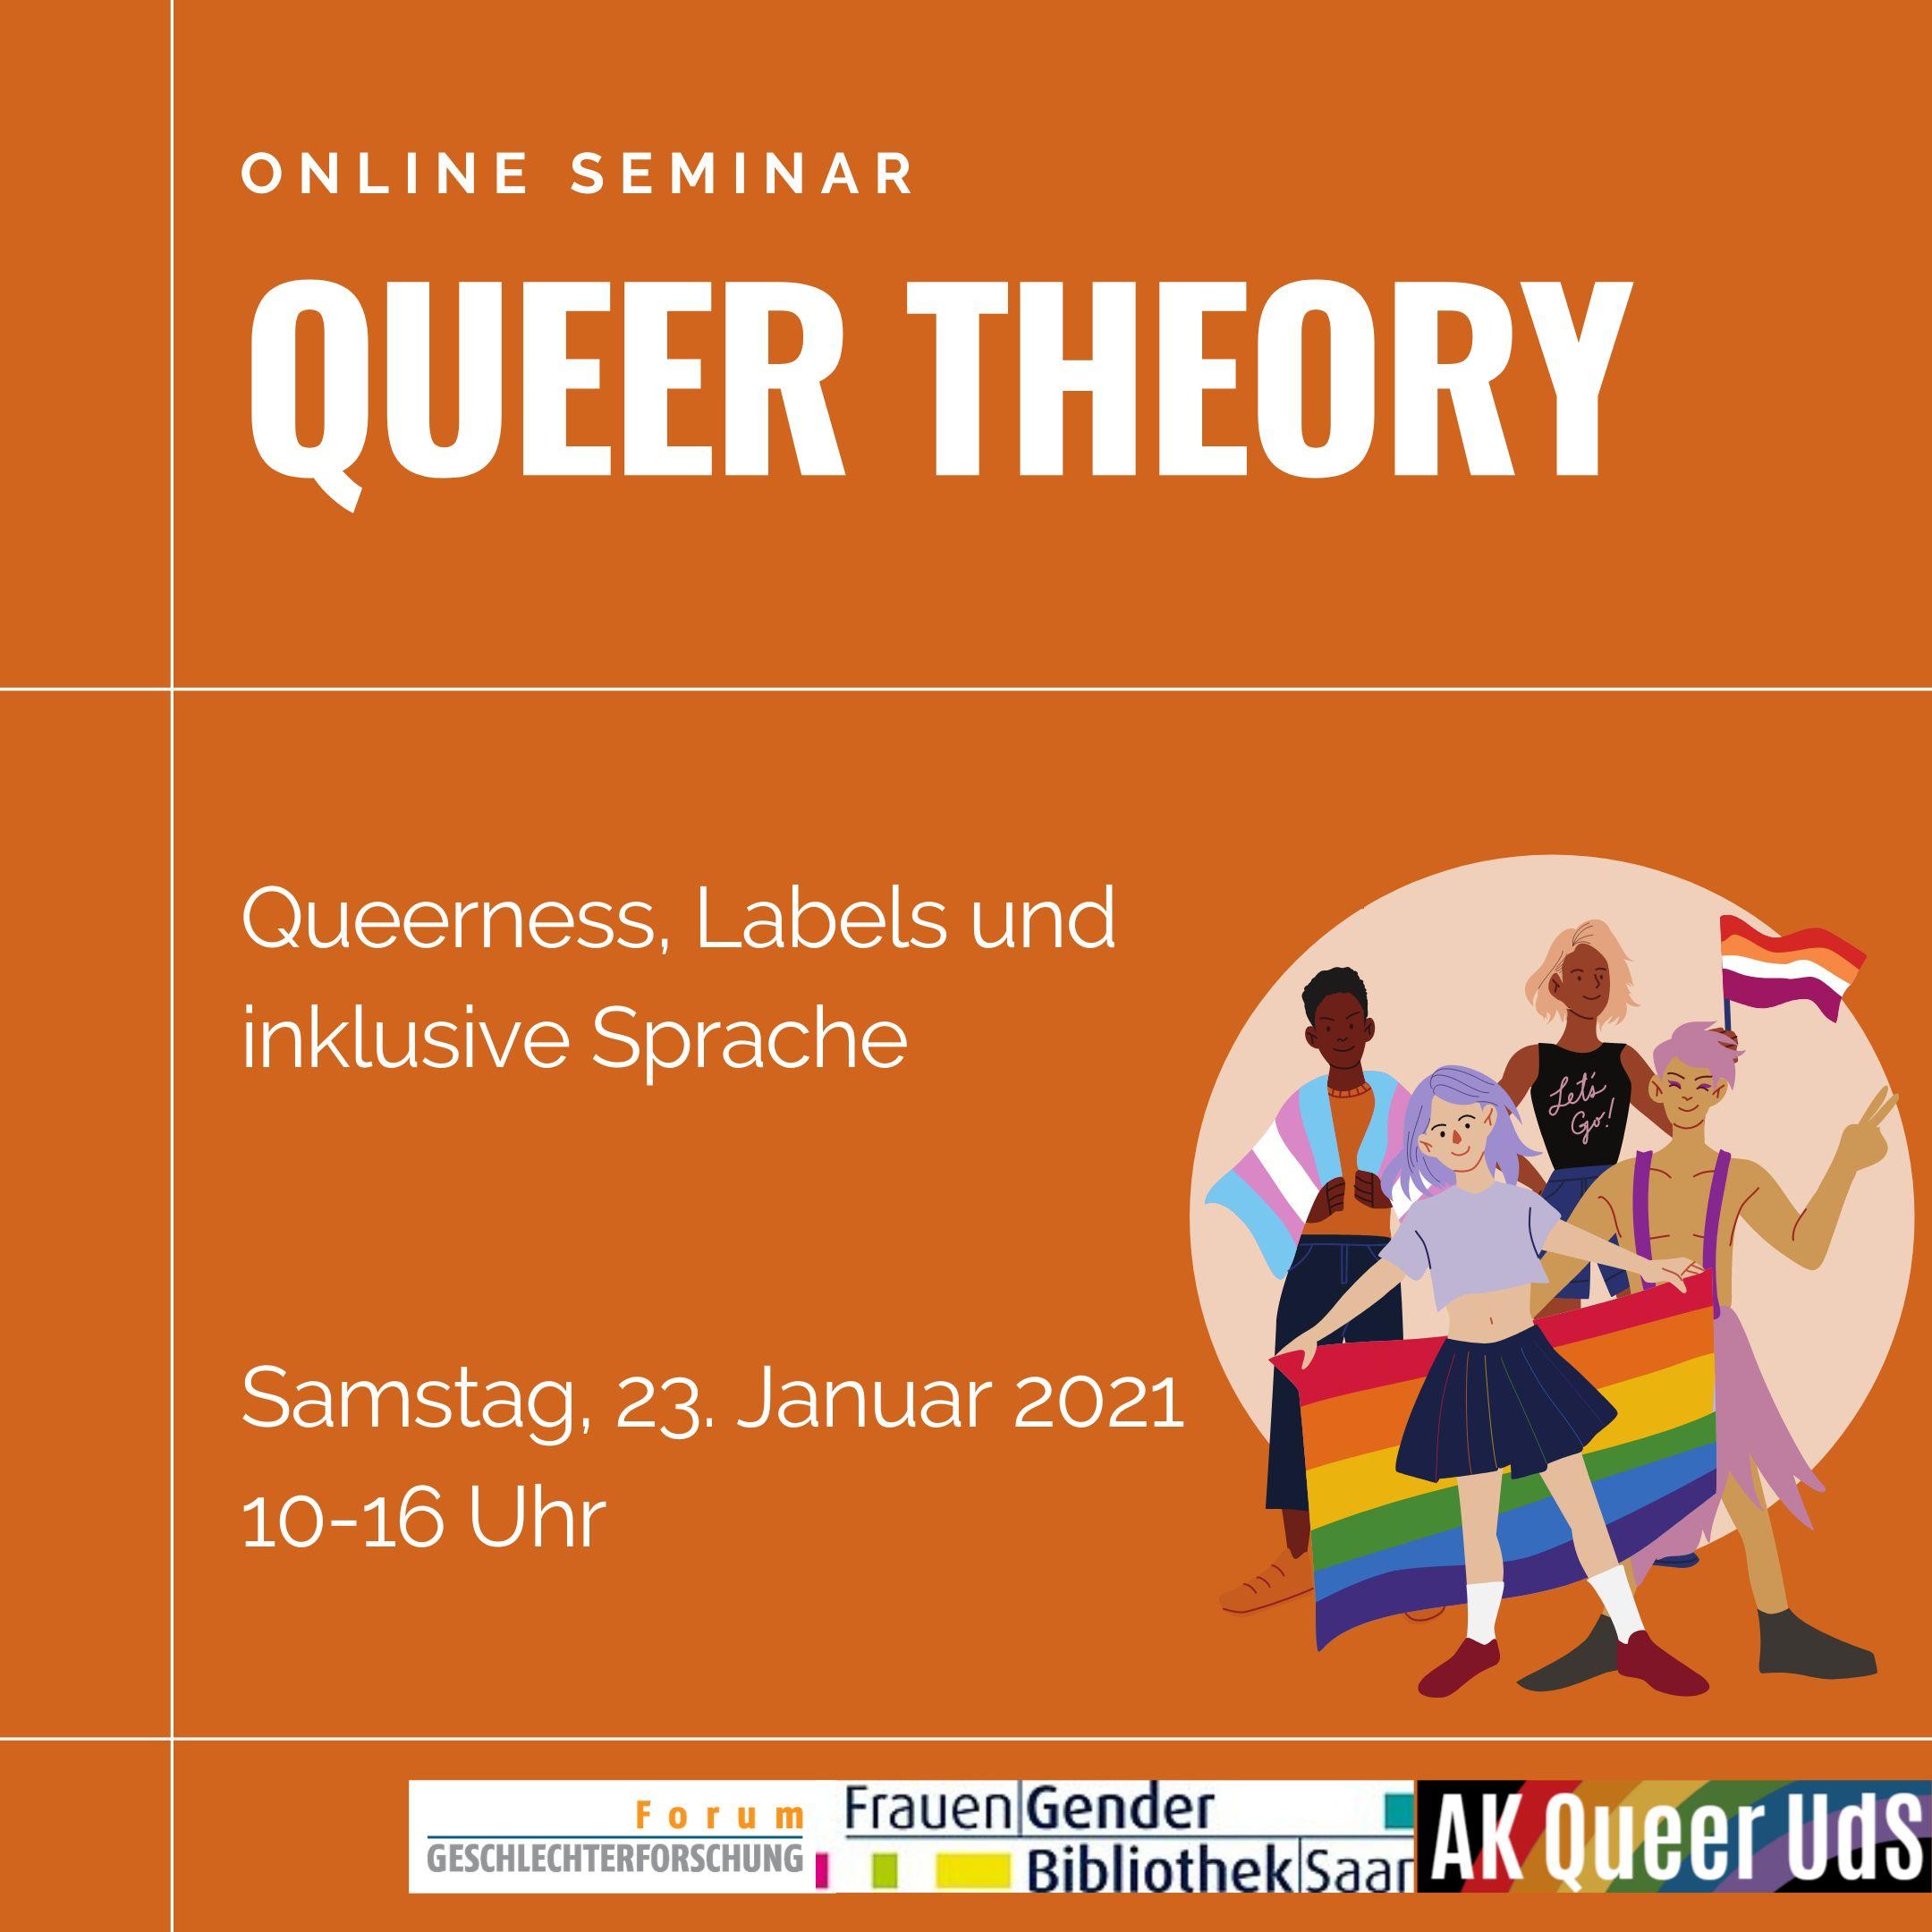 """Online-Seminar """"Einführung in die Queer Theory""""  am 23.01.2020, 10:00-16:00 Uhr"""